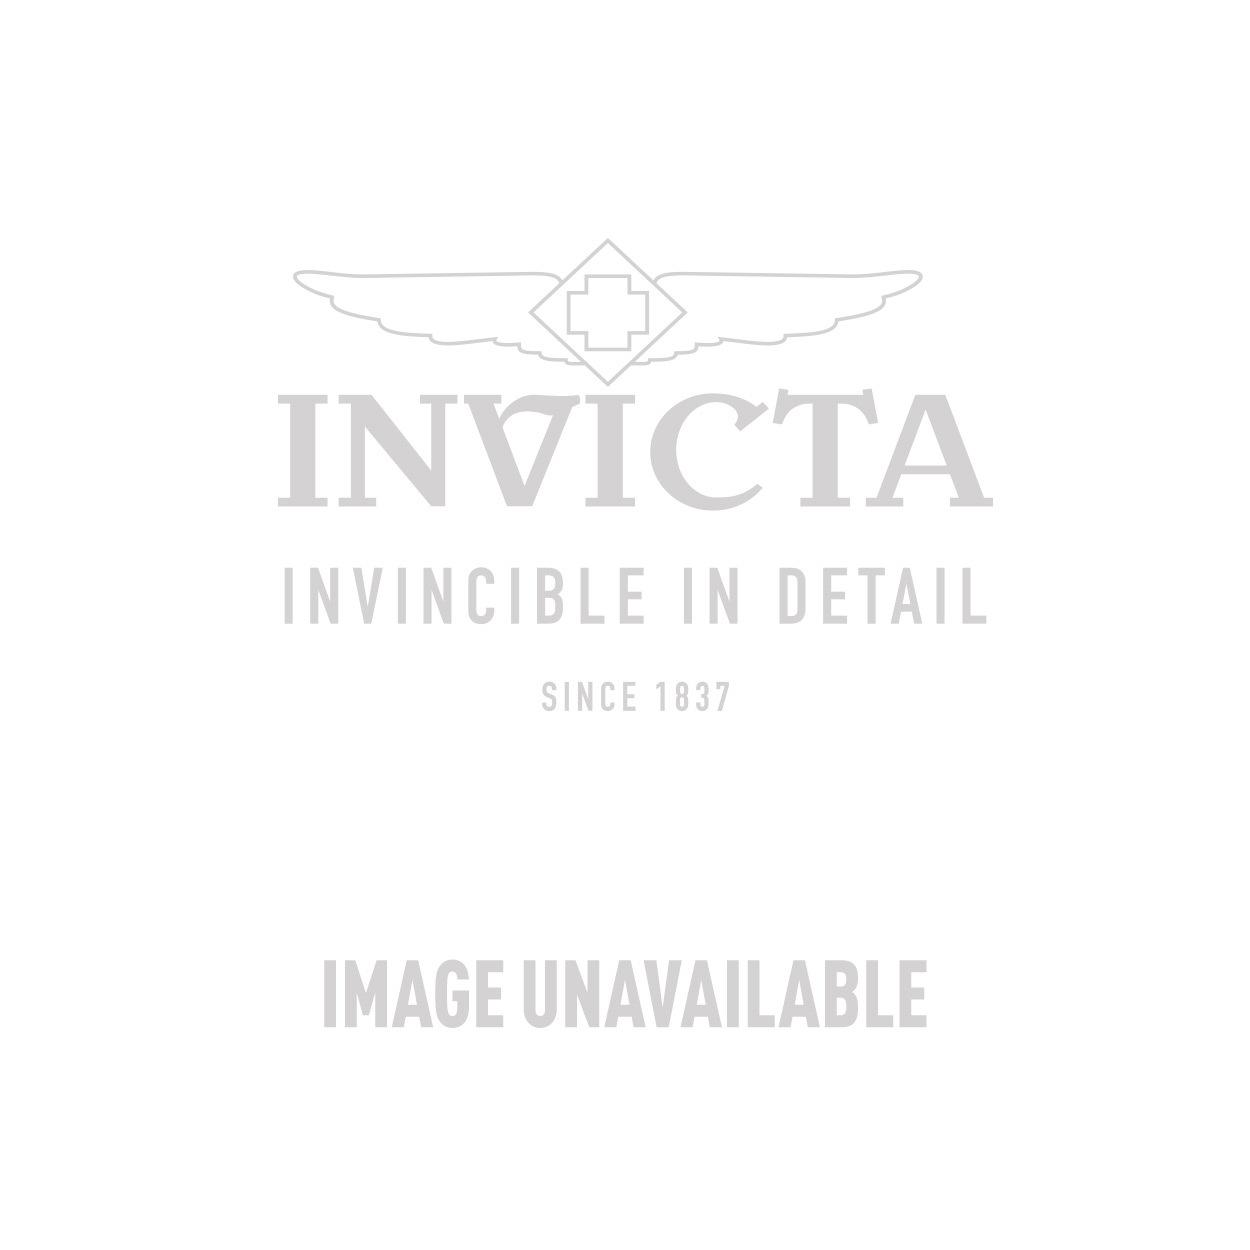 INVICTA Jewelry AISHA Earrings None 11.8 Silver 925 Rhodium - Model J0108